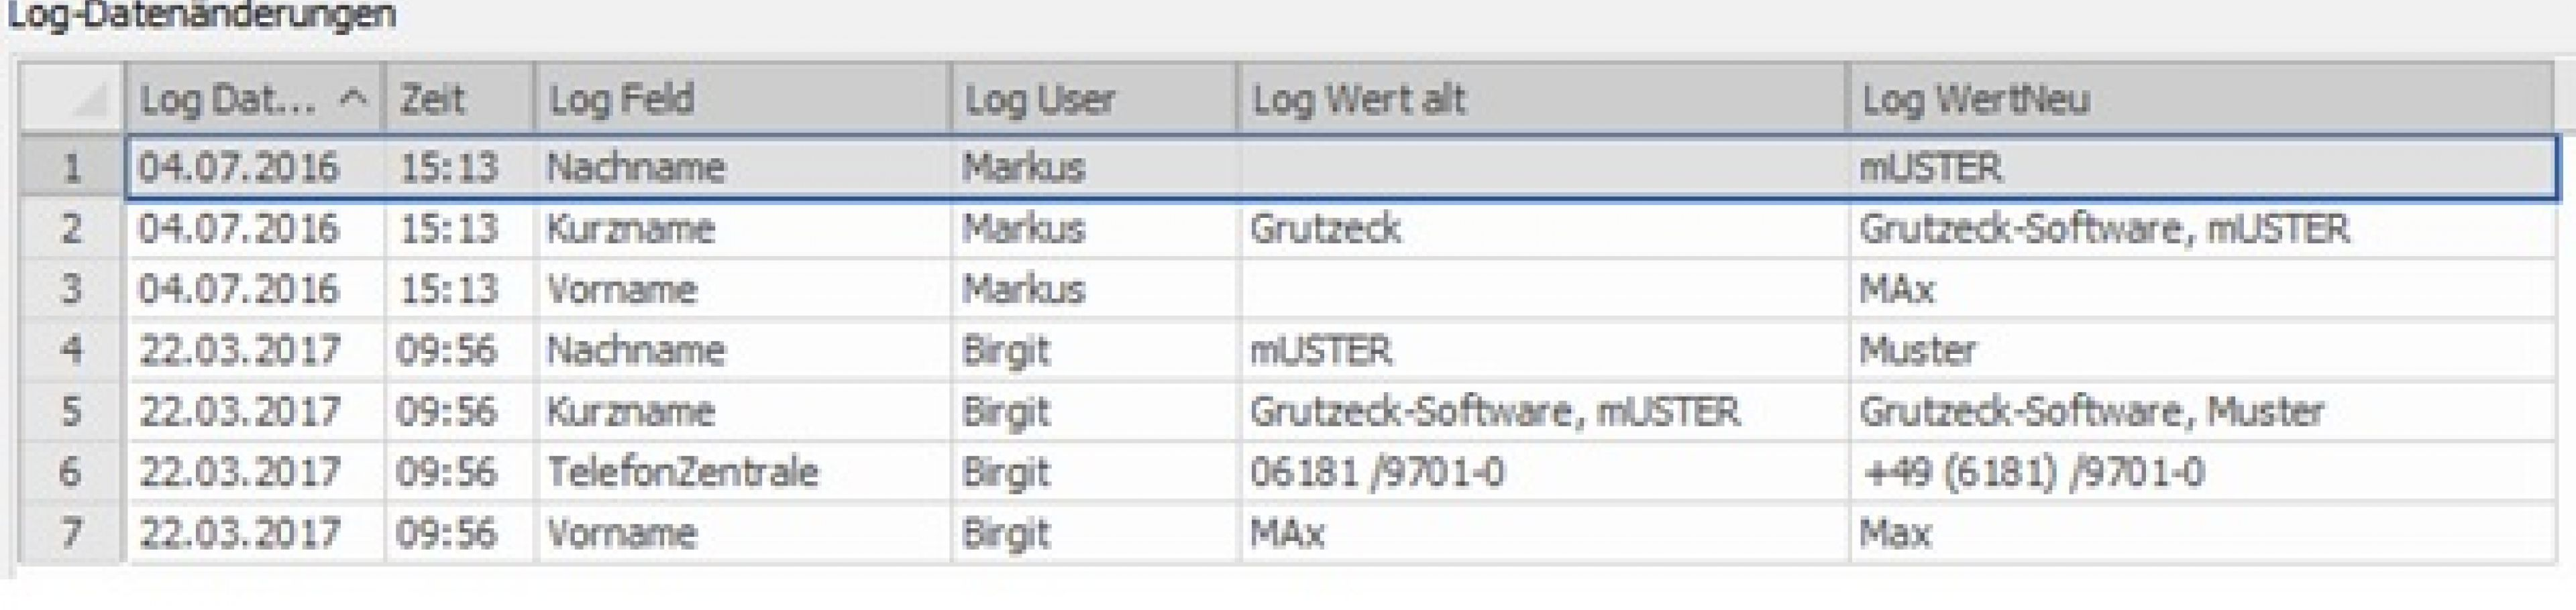 CRM Software: Protokollierung von Datennderungen